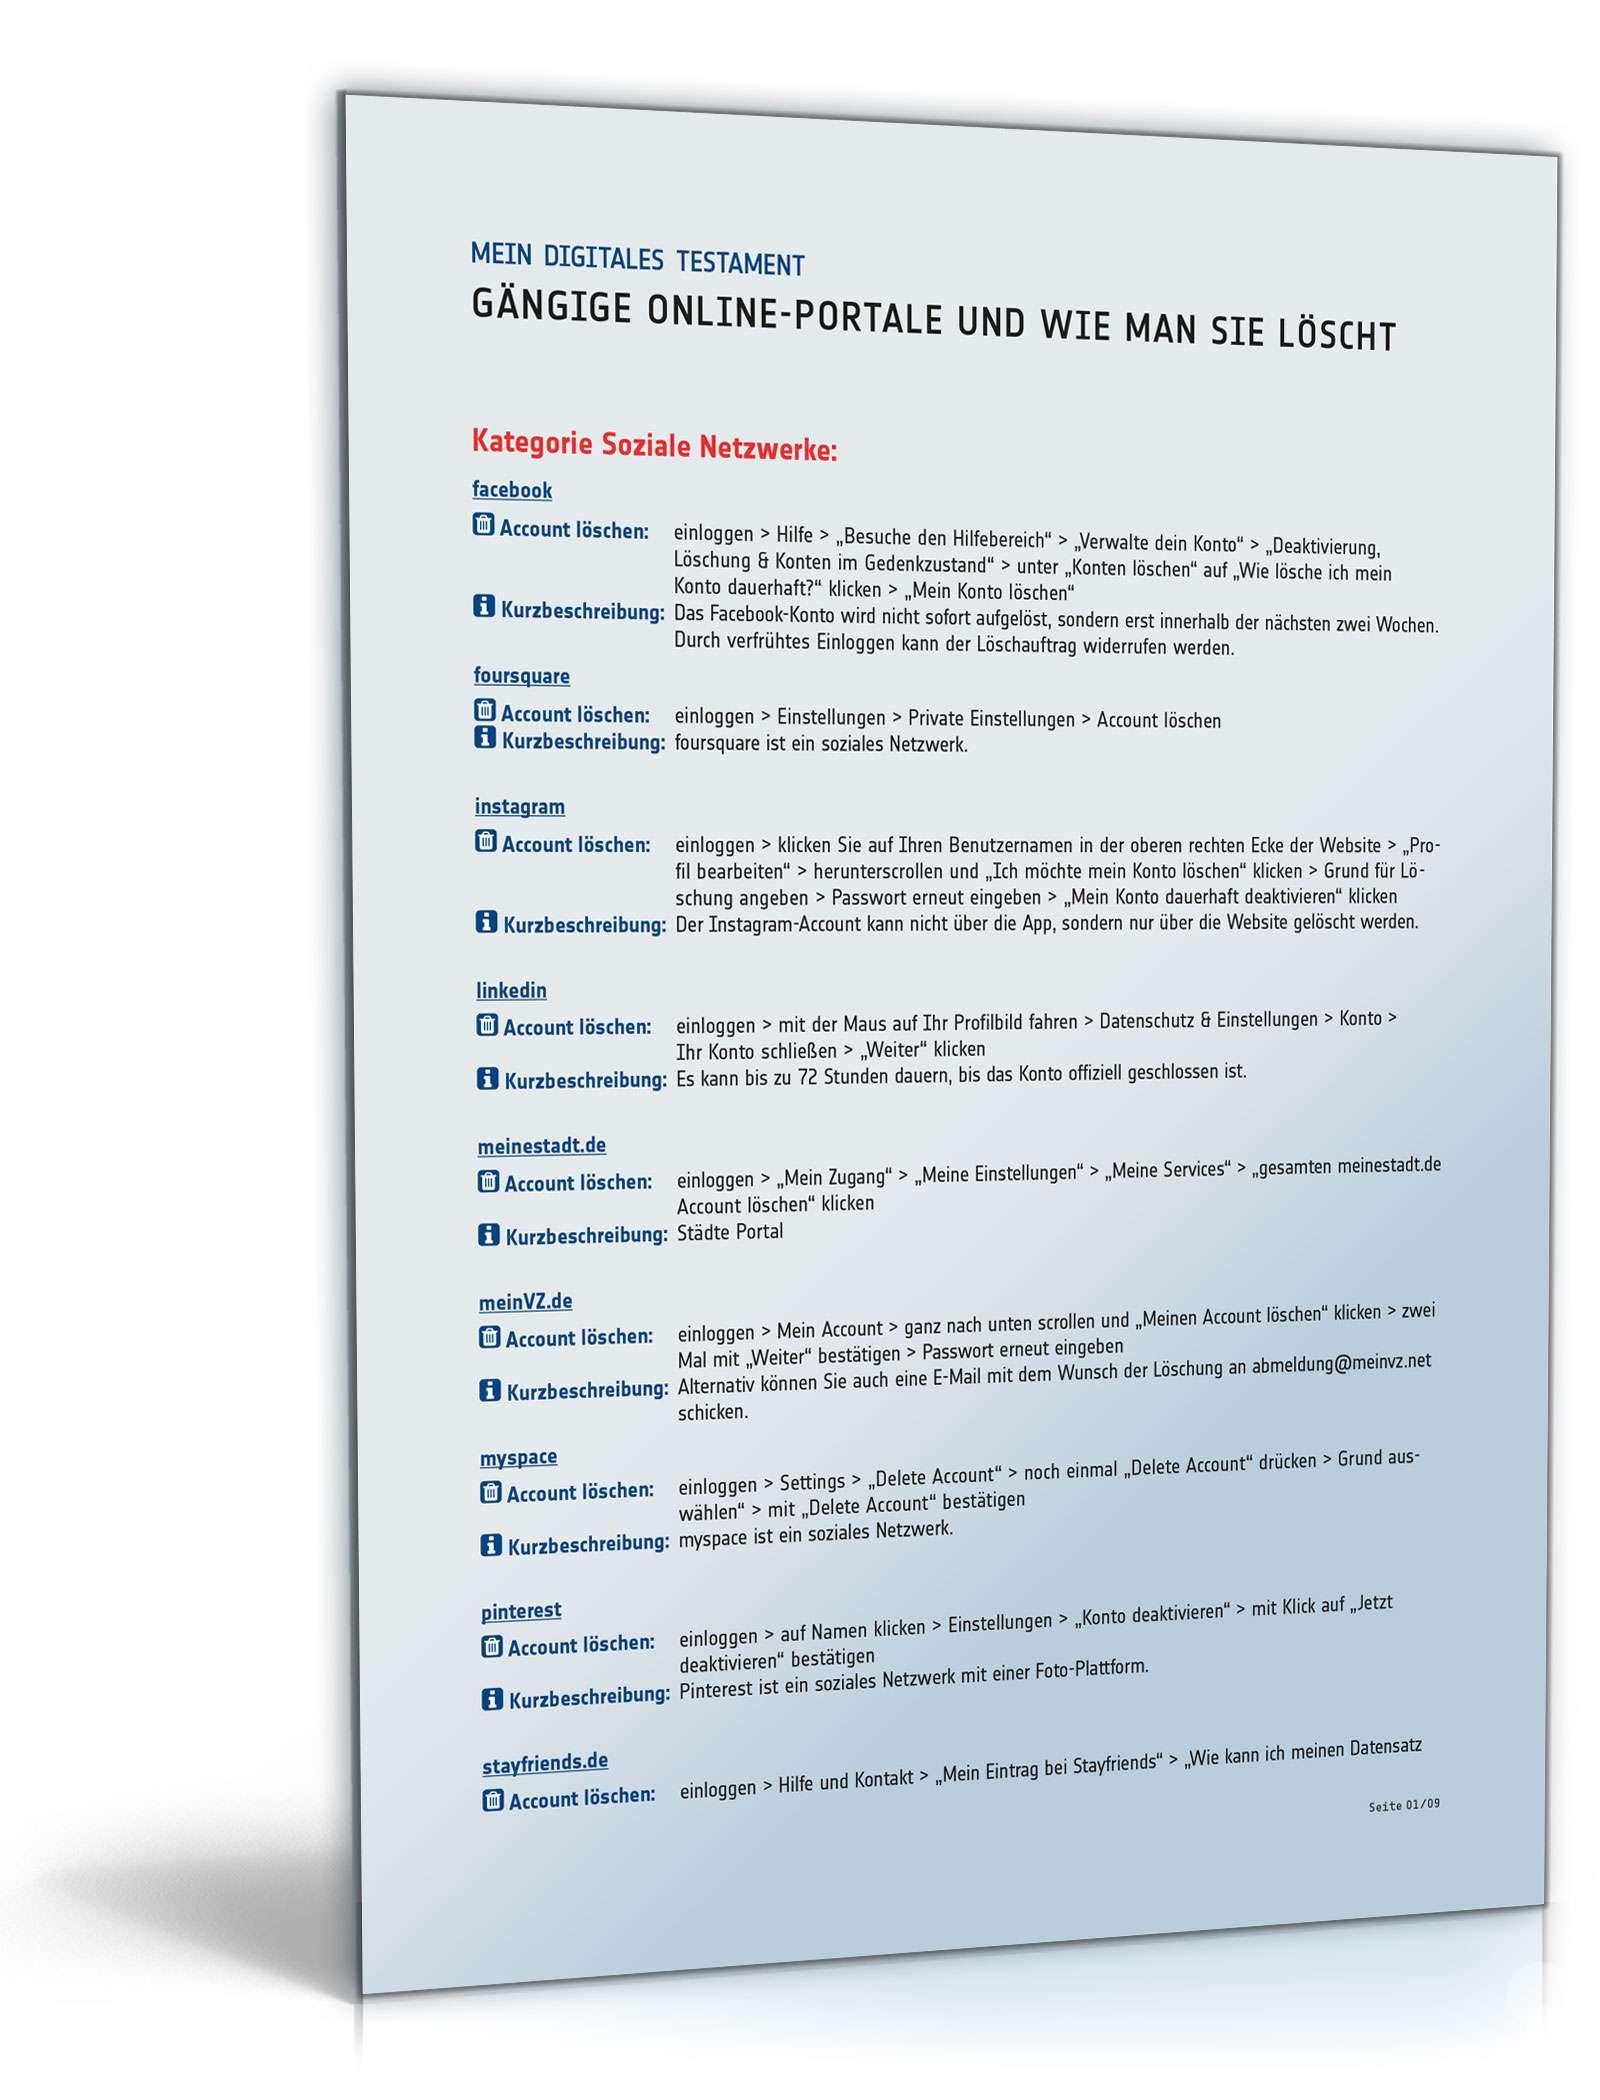 Infoliste über Den Verbleib Digitaler Konten Liste Zum Download